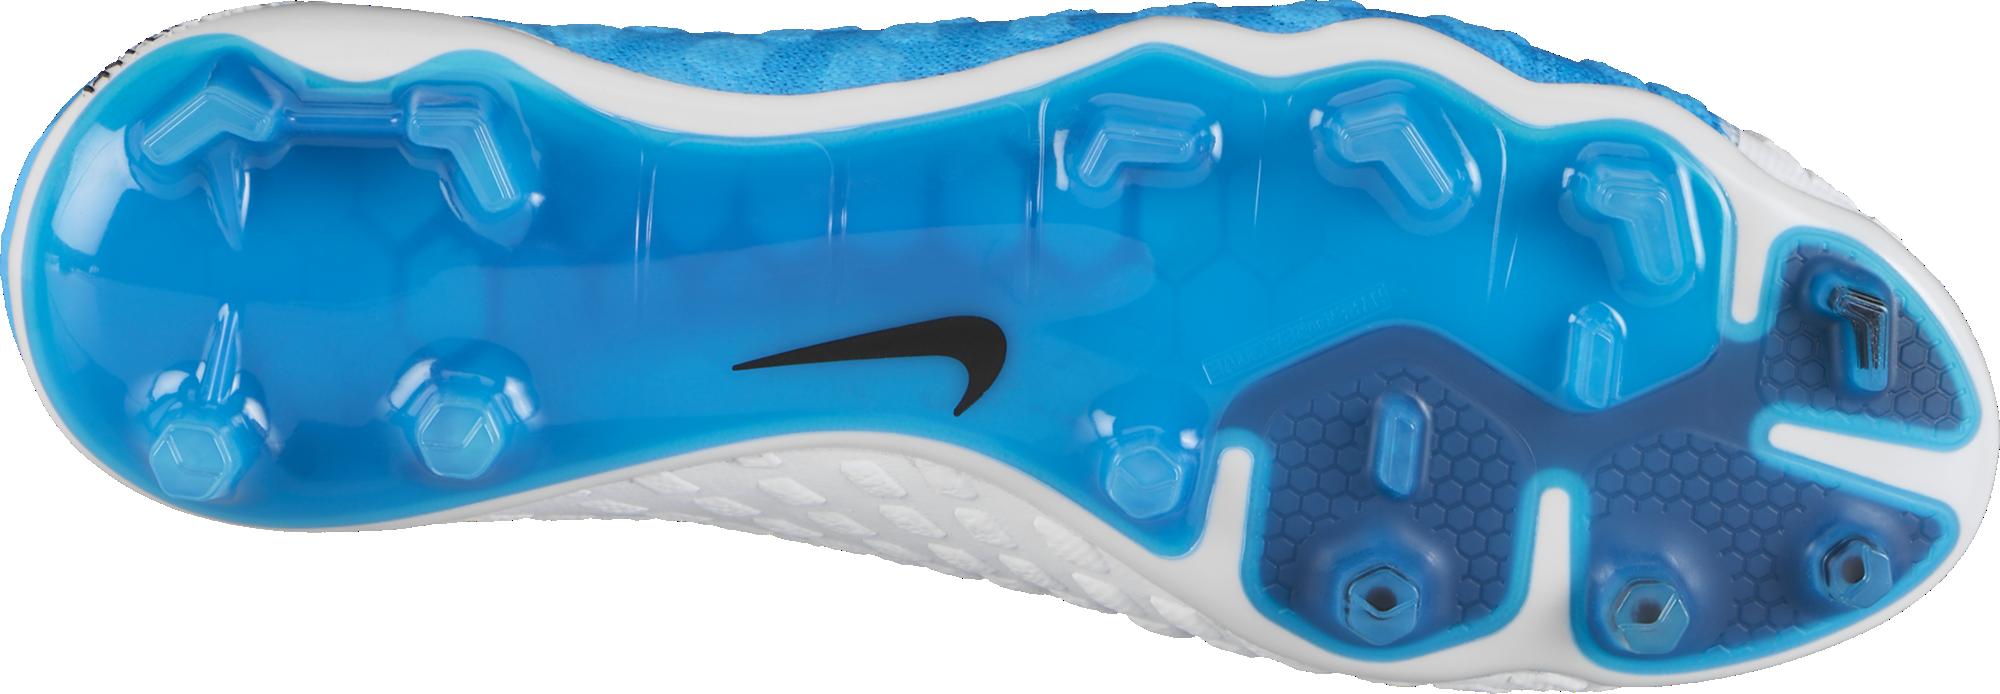 Royal Fg III Hypervenom Nike Bianco Phantom I4z6xnA